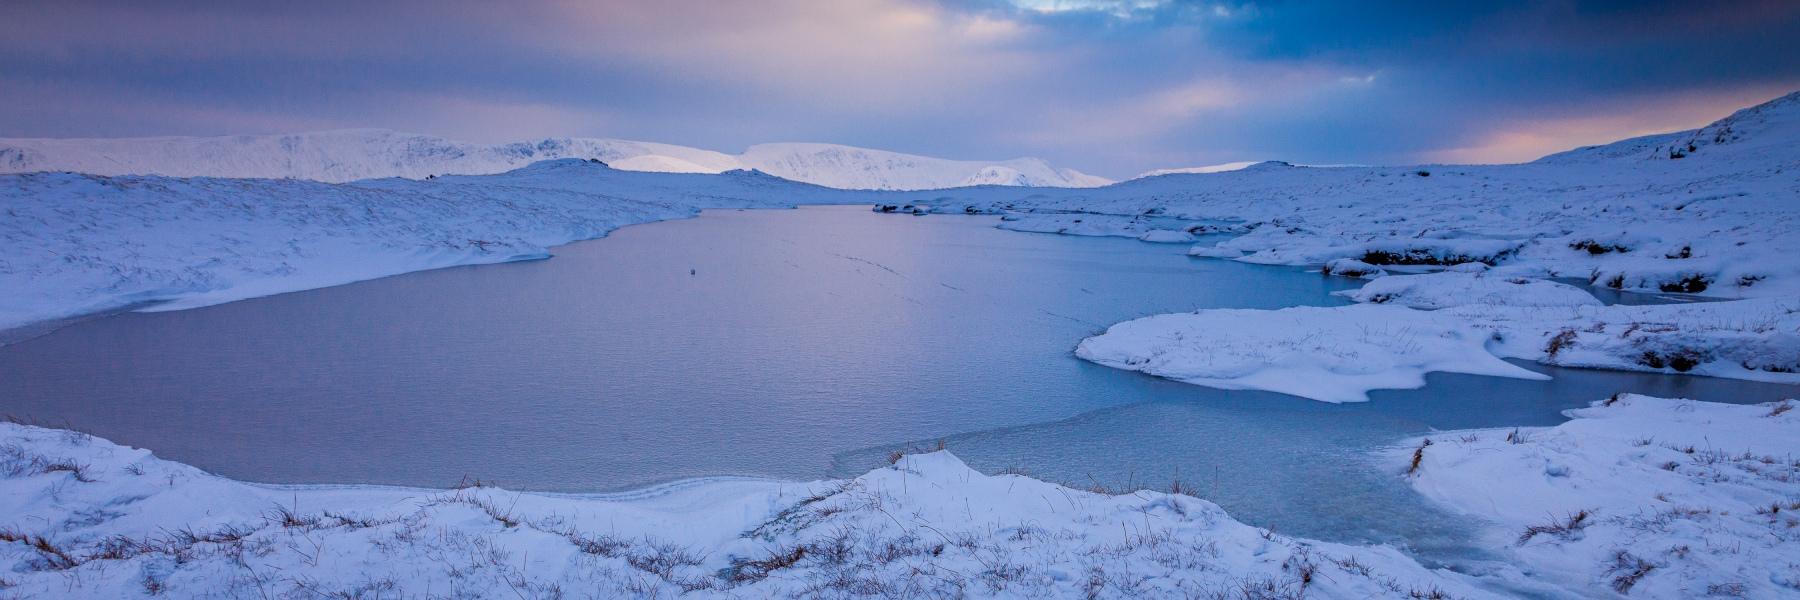 Frozen Tarn